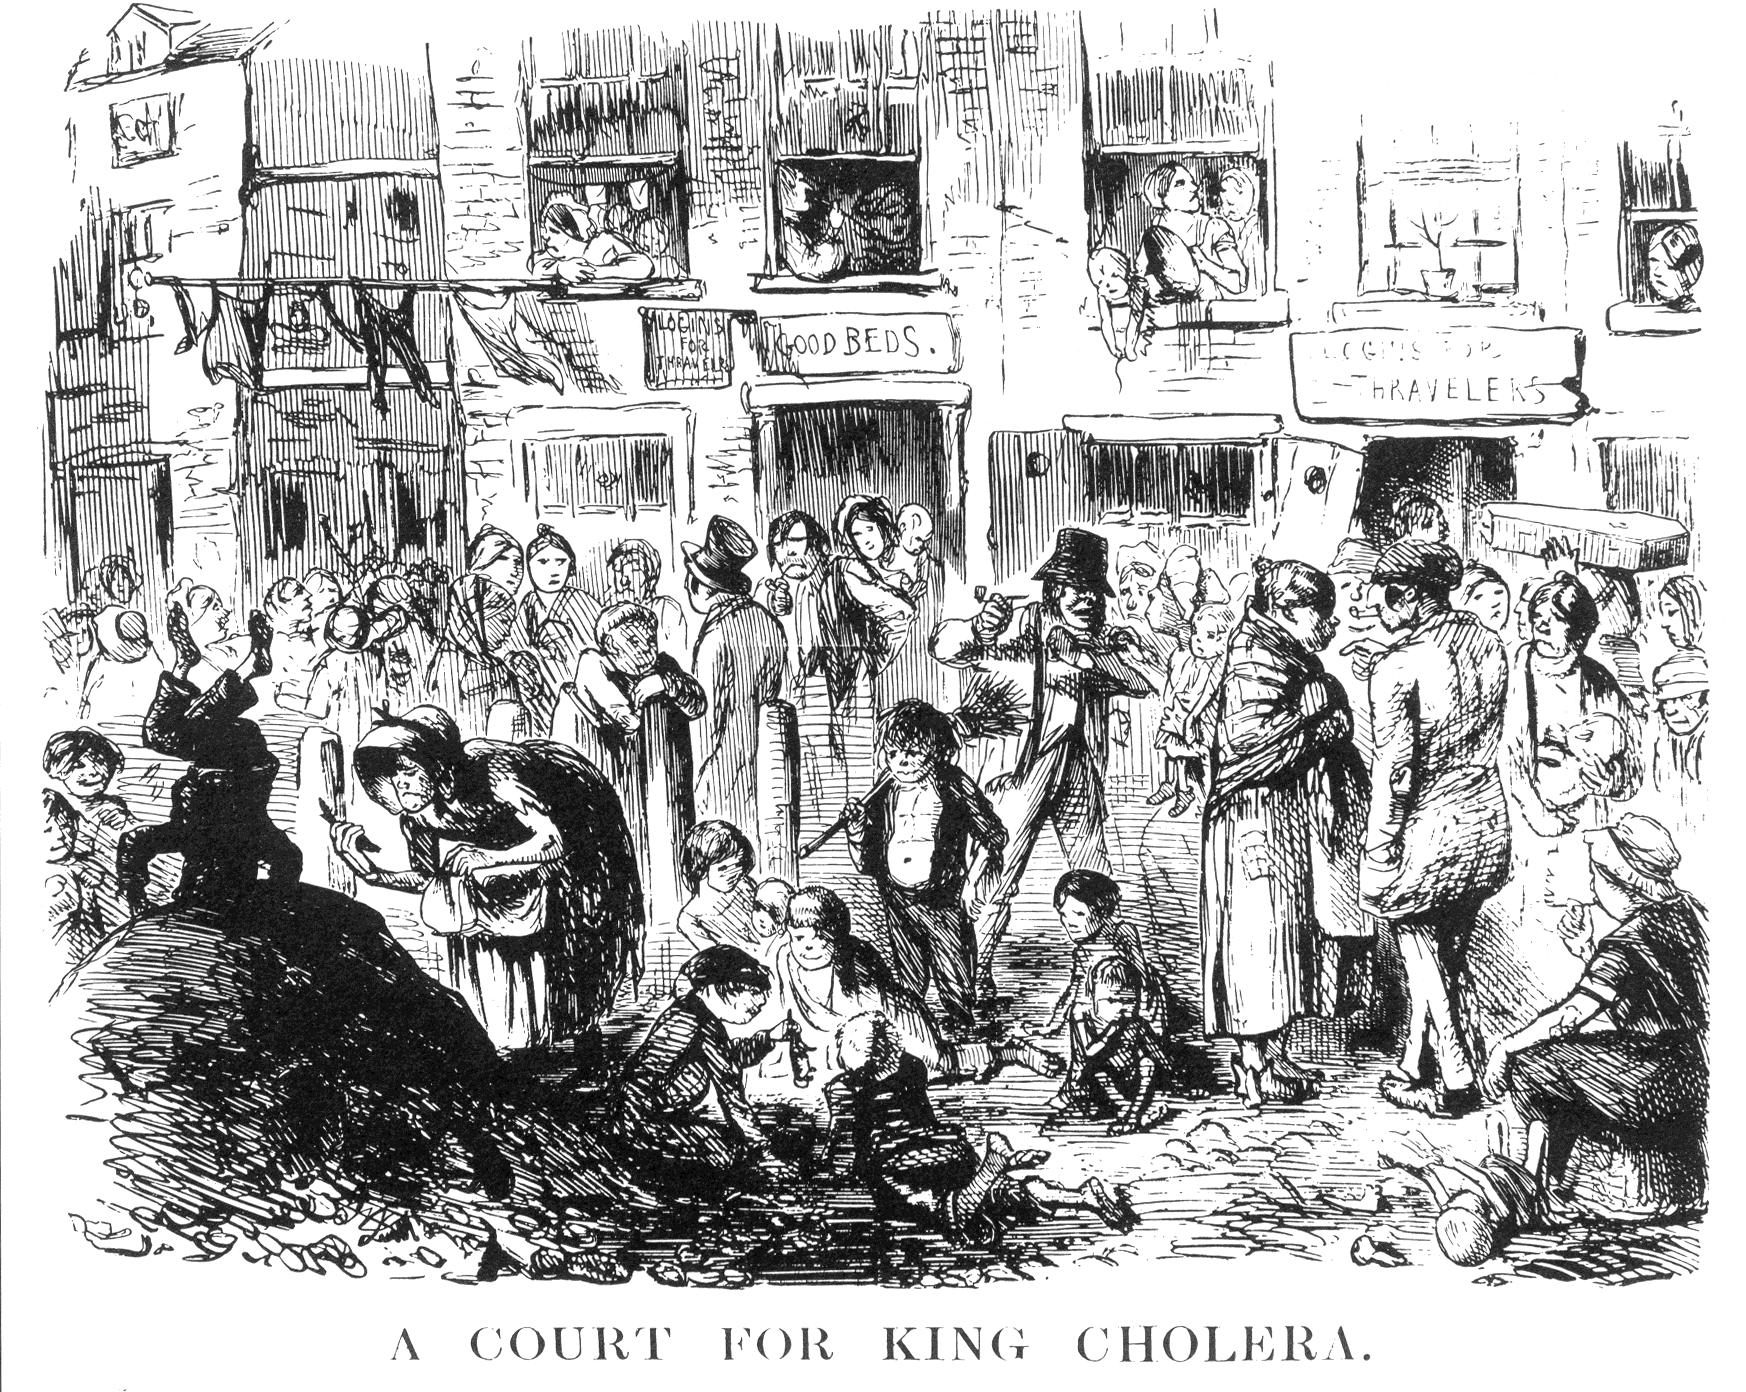 Χολέρα. A Court for King Cholera. Illustration from Punch (1852).